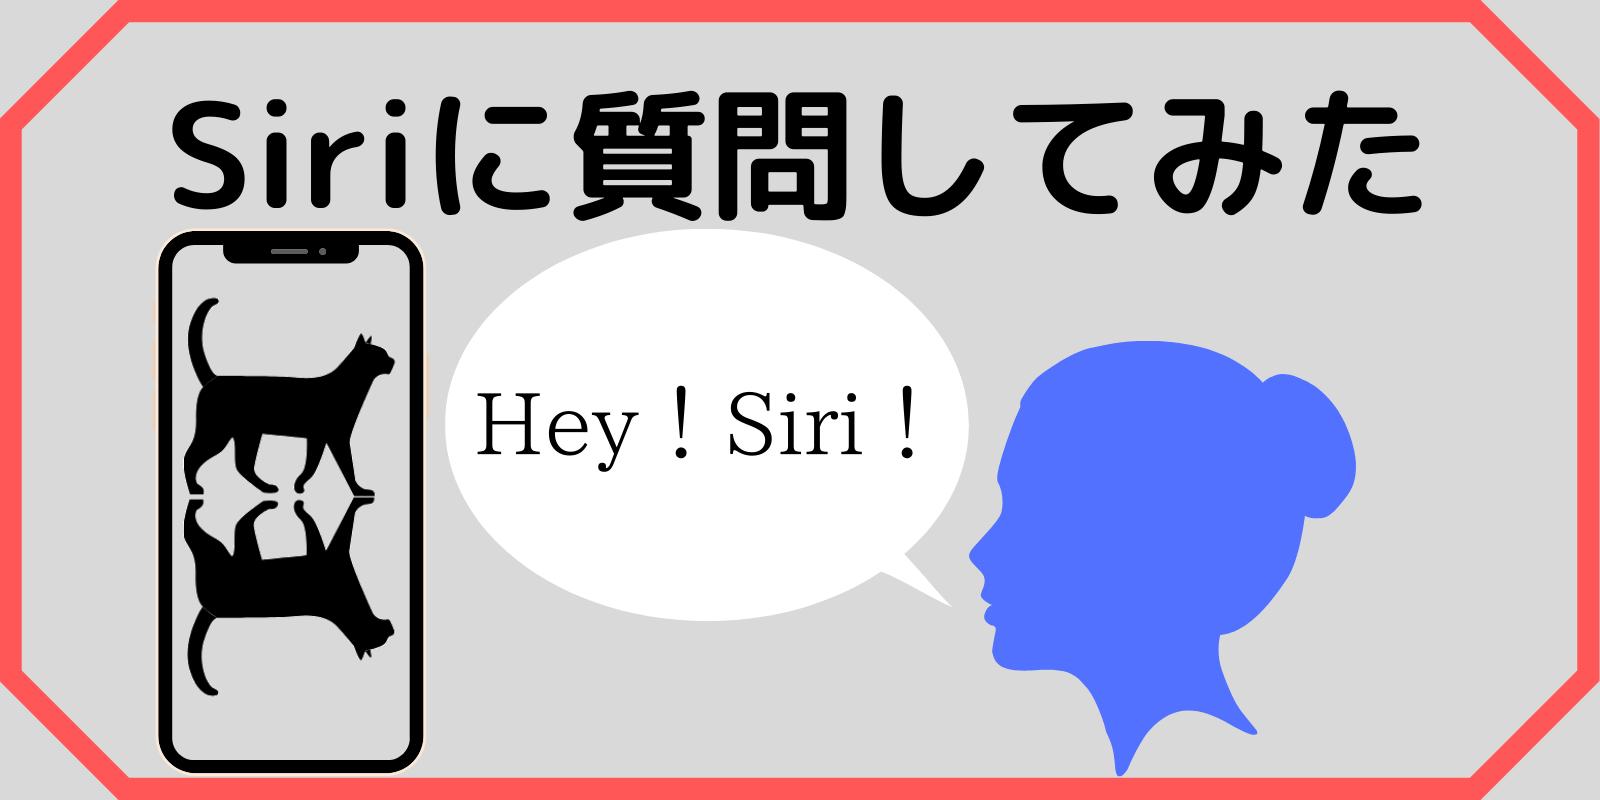 聞い こと に は いけない Siri 英語 て